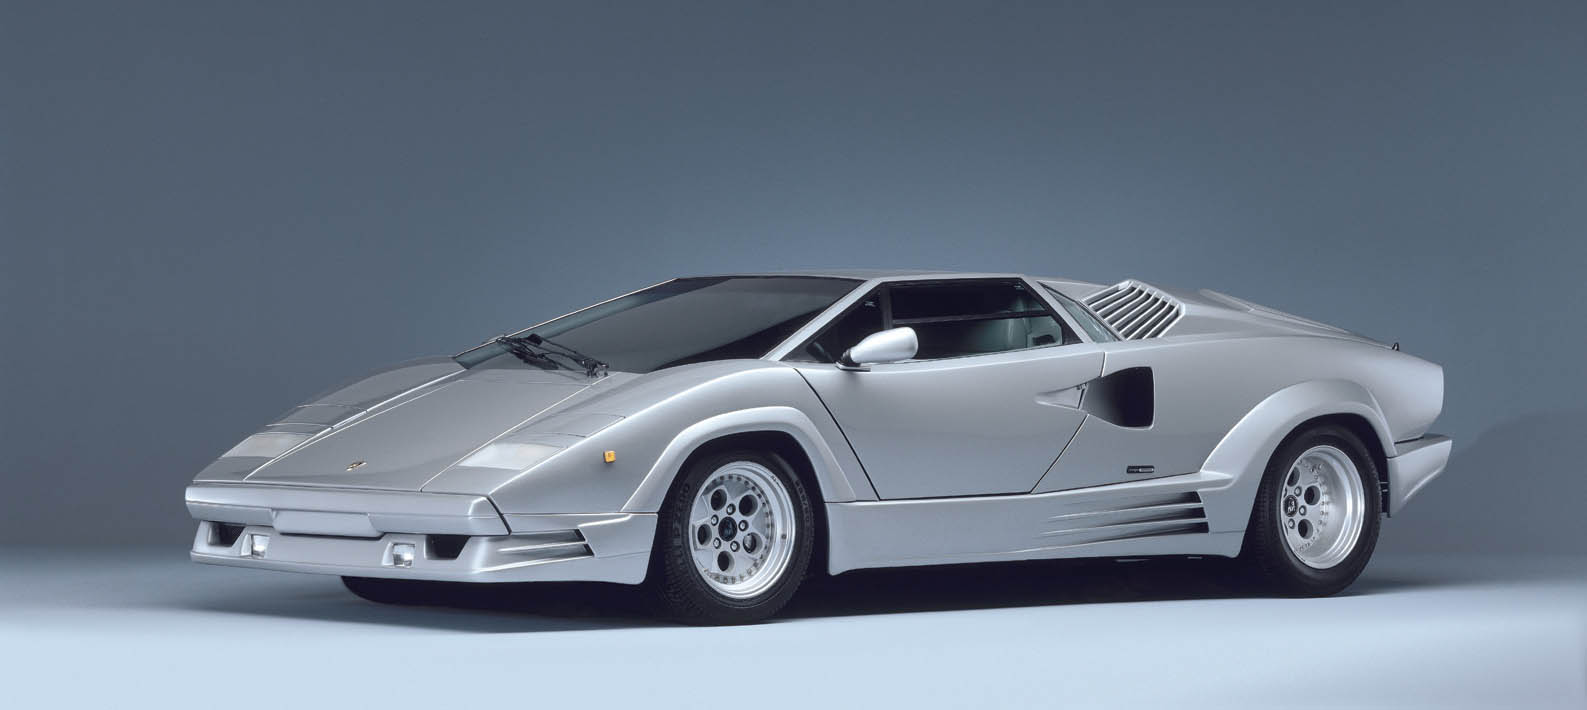 lamborghini countach 25th anniversary 1988 5 The Legendary Lamborghini Countach